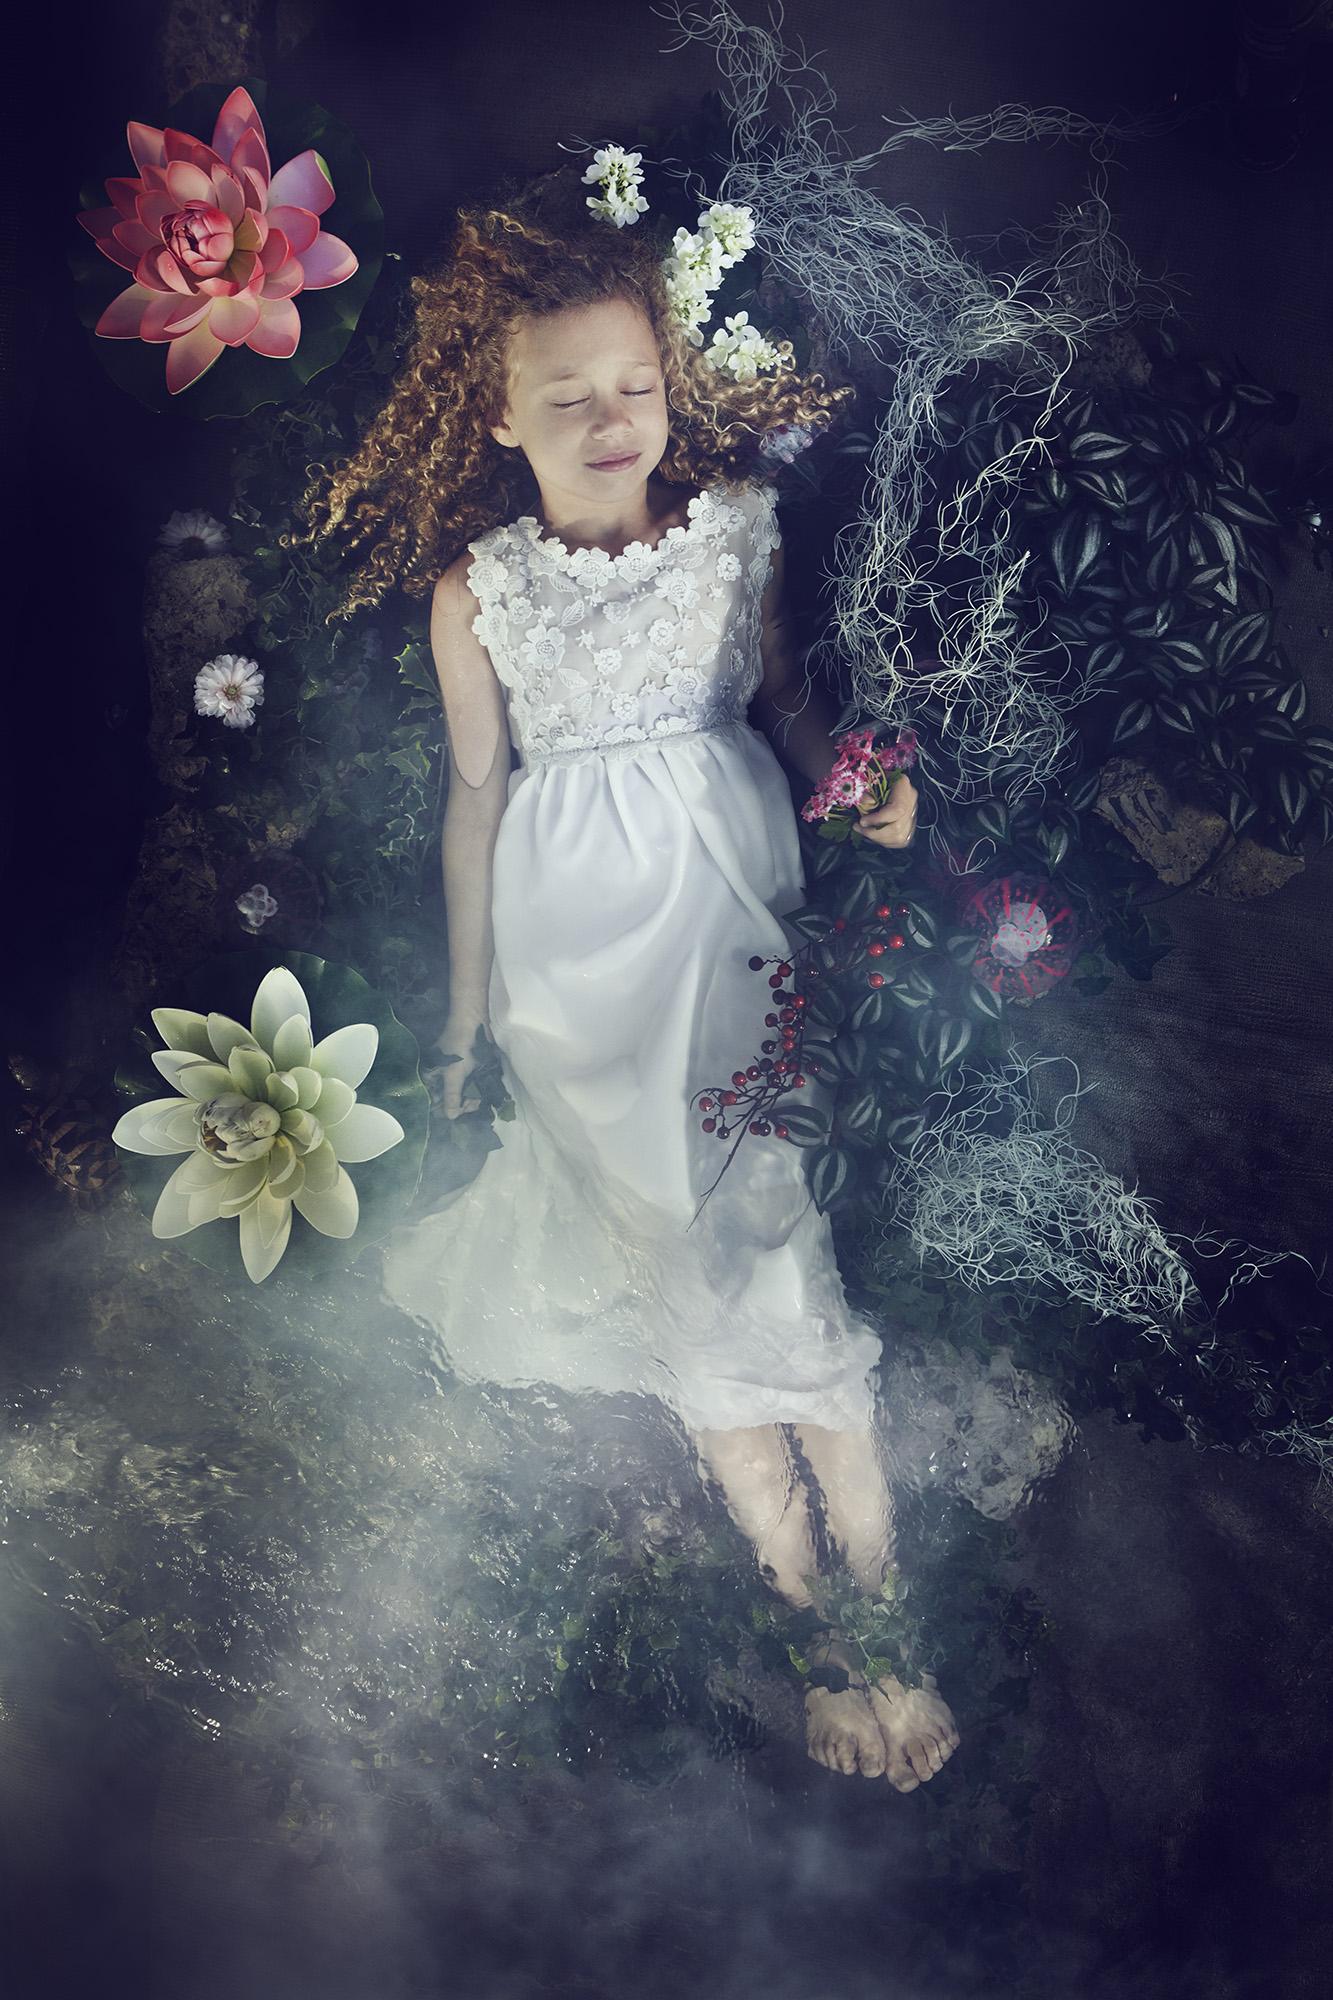 Ilve Little fantasy girl in flower bed